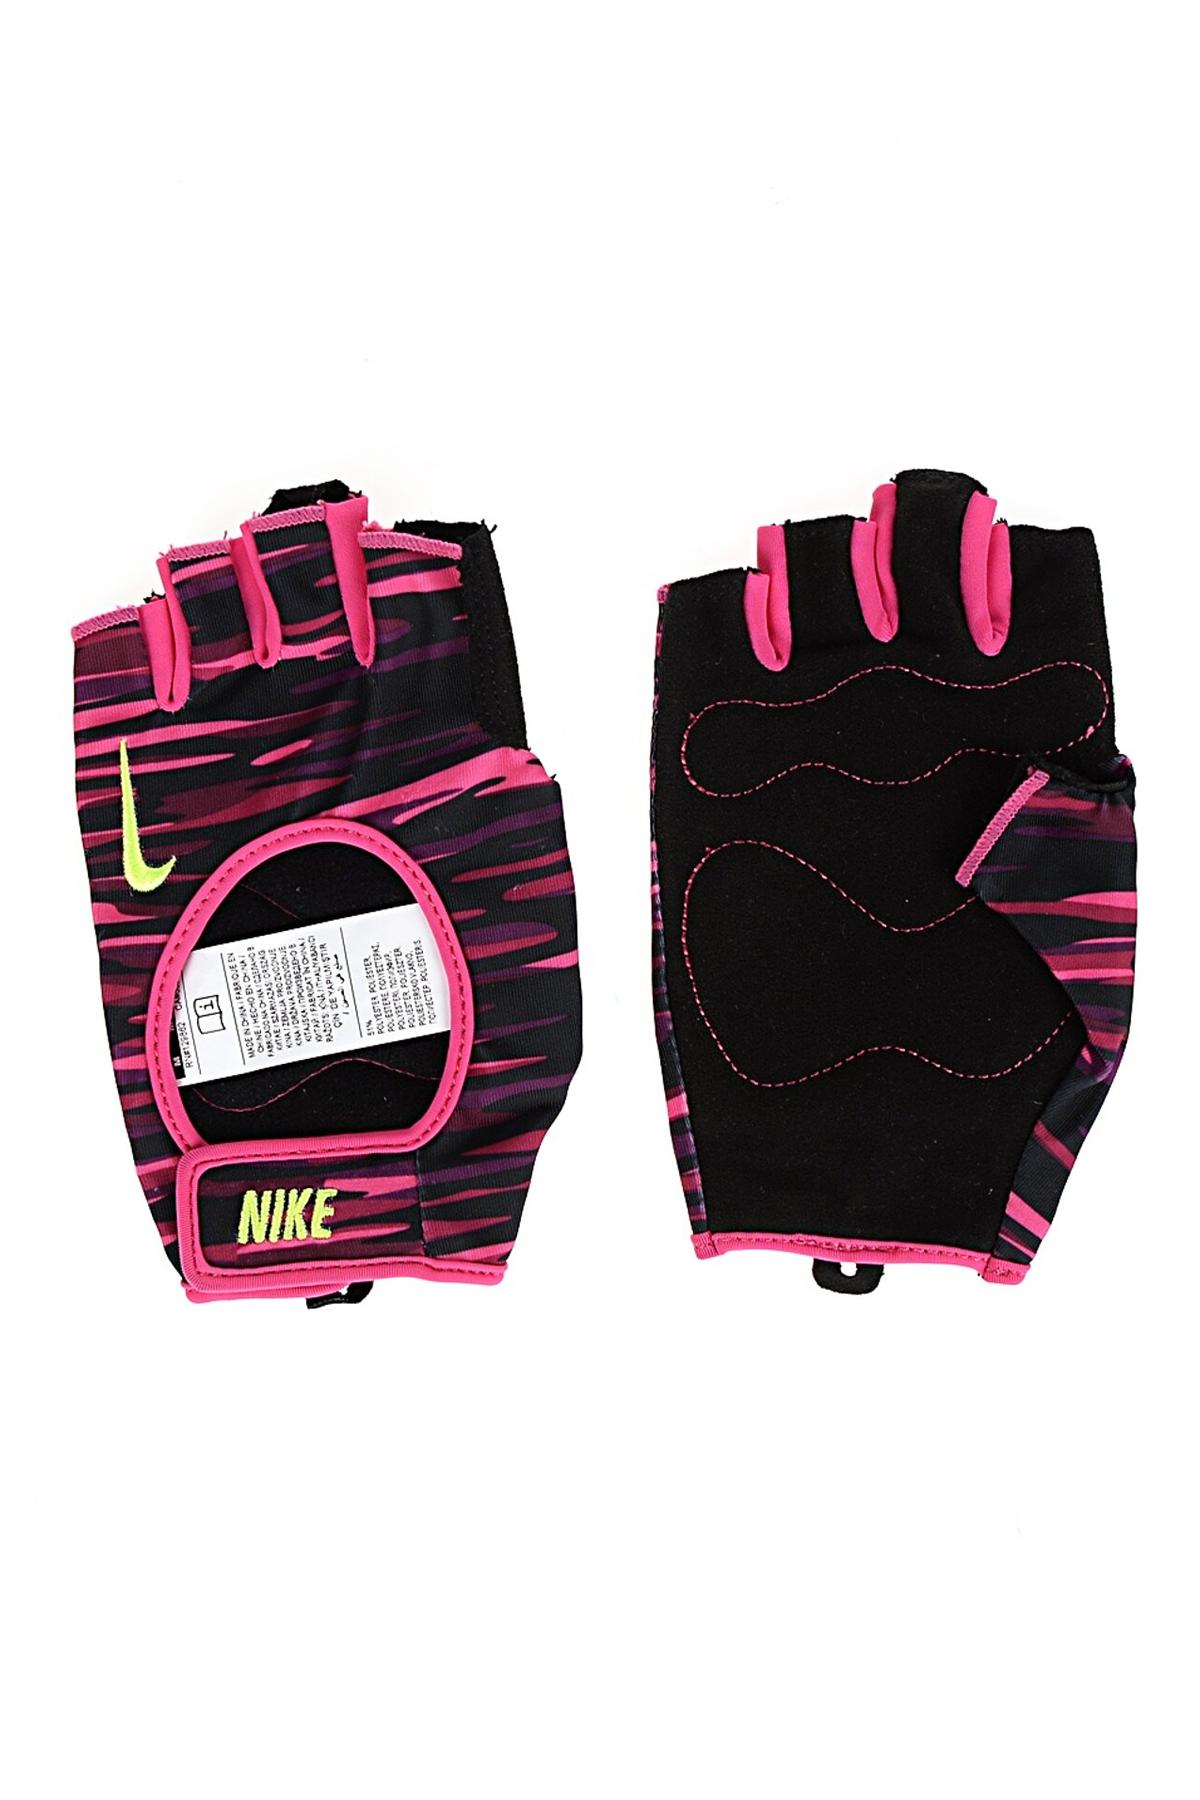 Nike Kadın Eldiven - Women'S Fit Training Gloves (N.LG.B0-617)